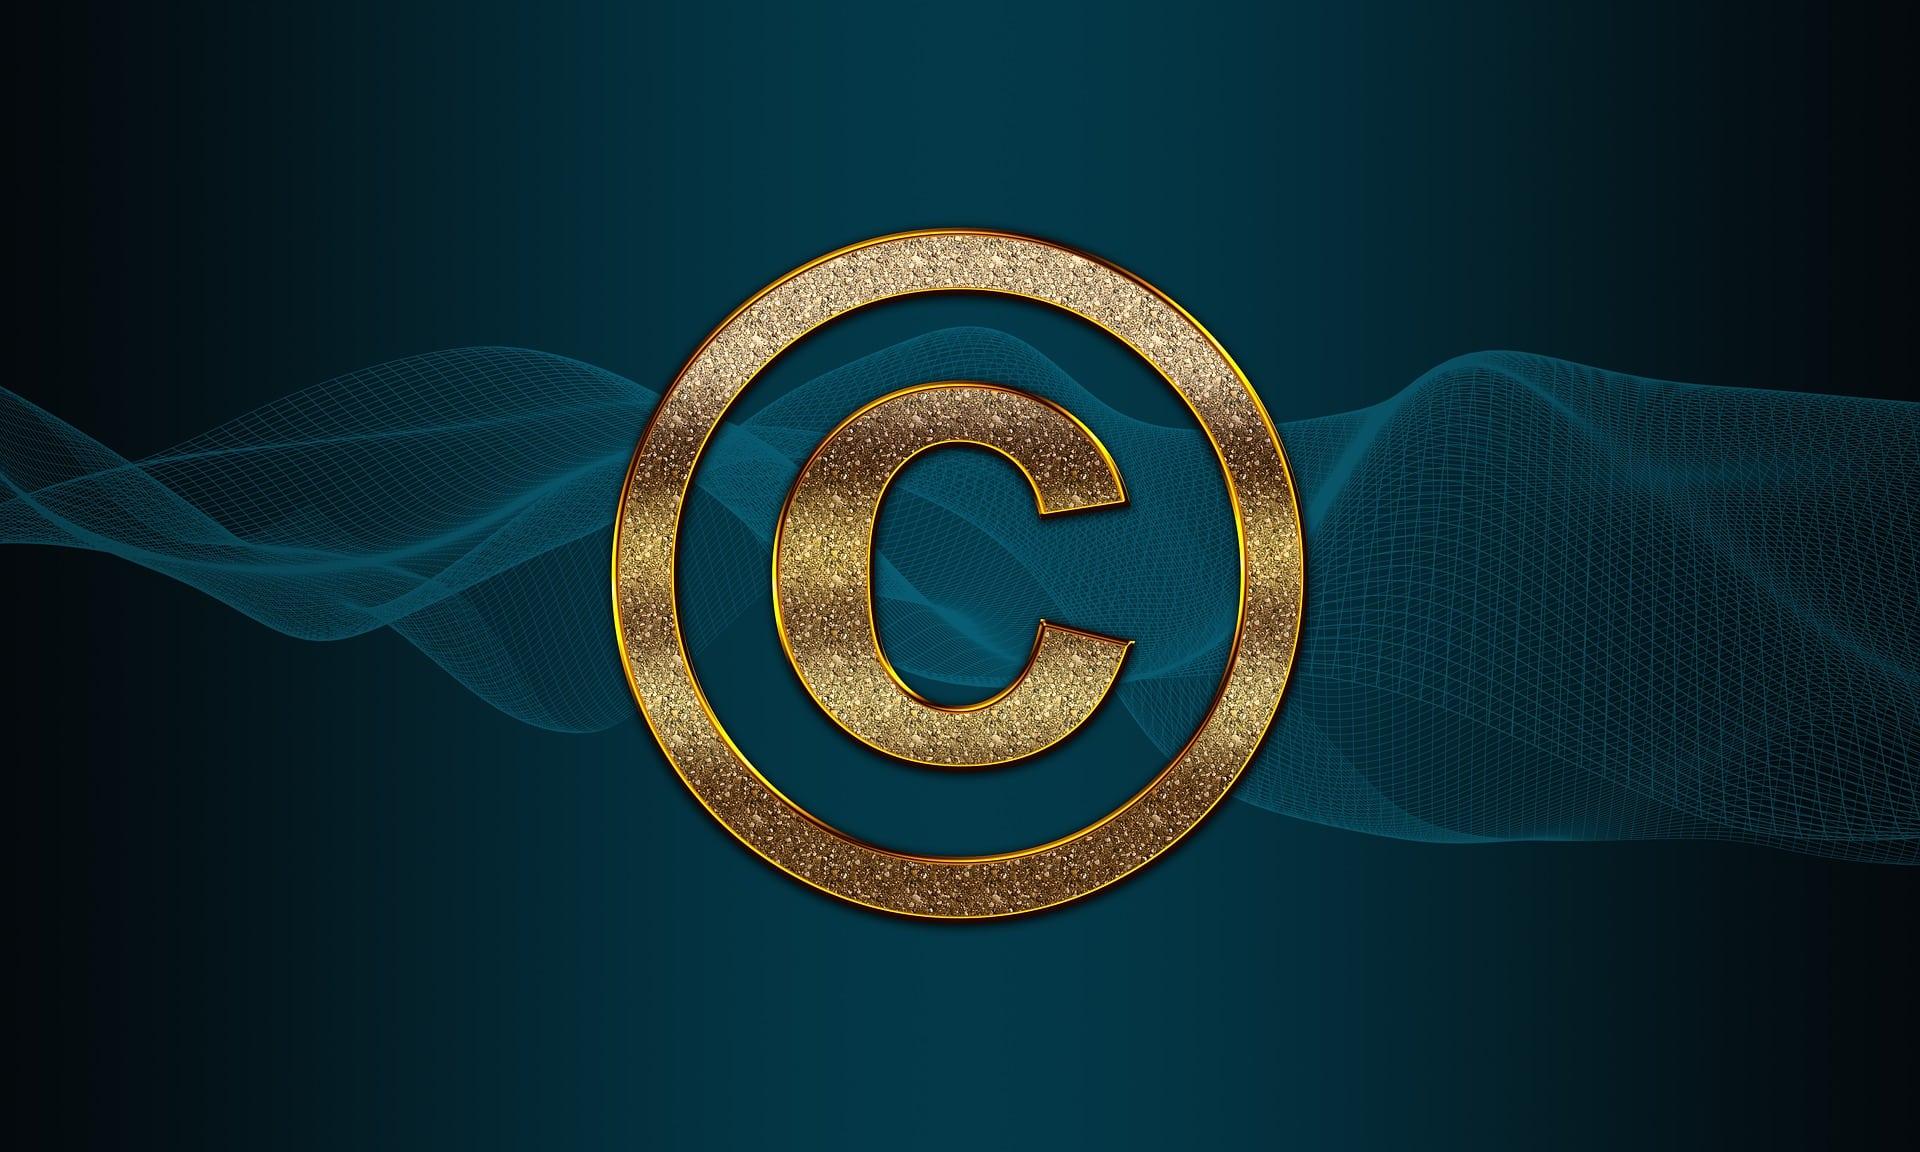 Urheberrecht Schutz Geistigen Eigentum Symbol - (c) Pixabay